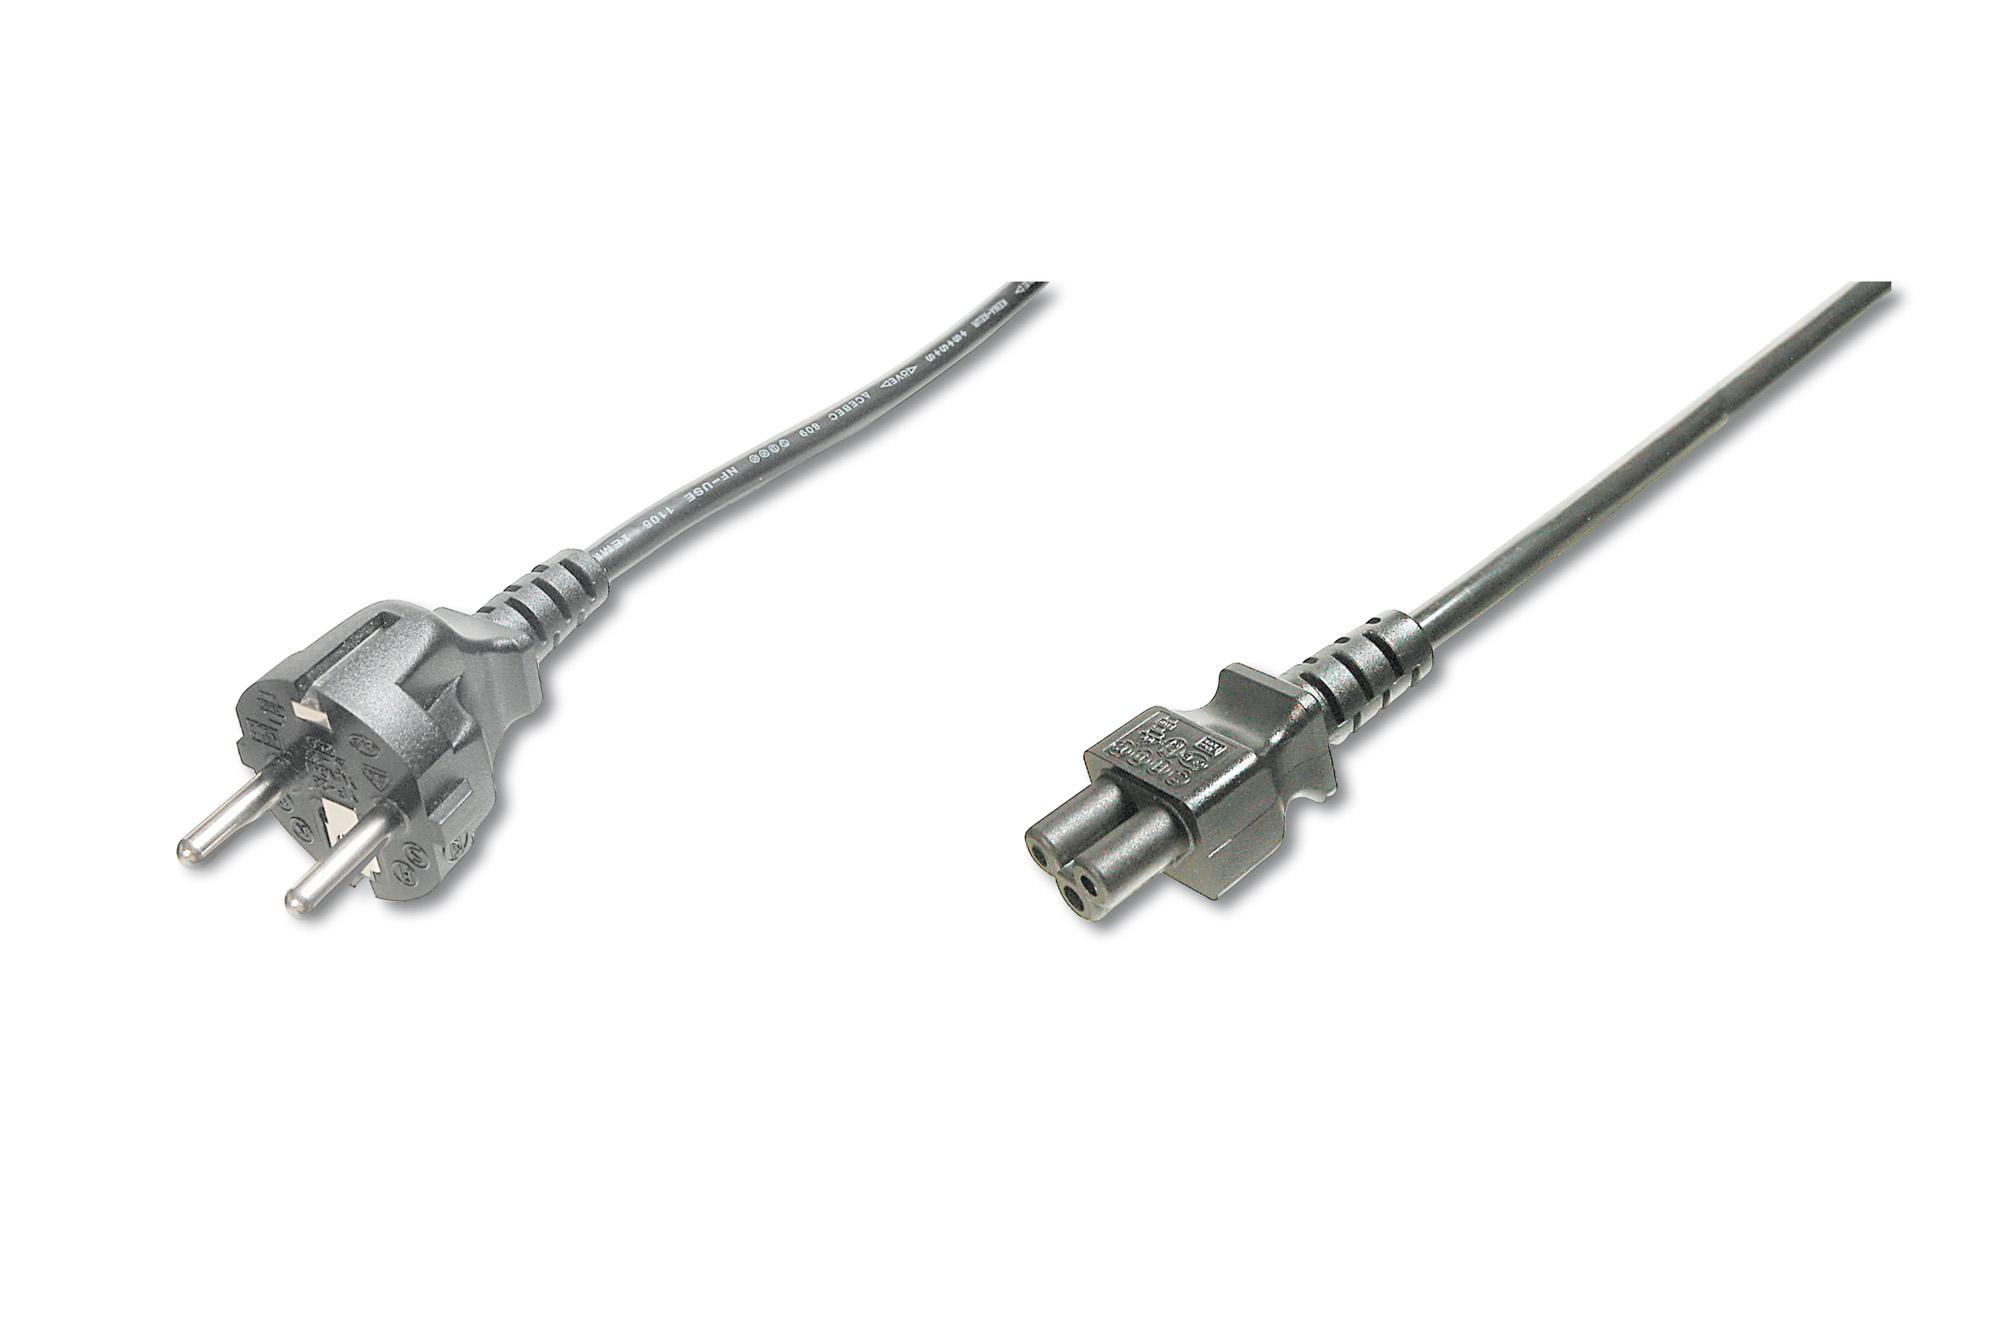 ASSMANN Electronic AK-440103-018-S cable de transmisión Negro 1,8 m CEE7/7 C5 acoplador